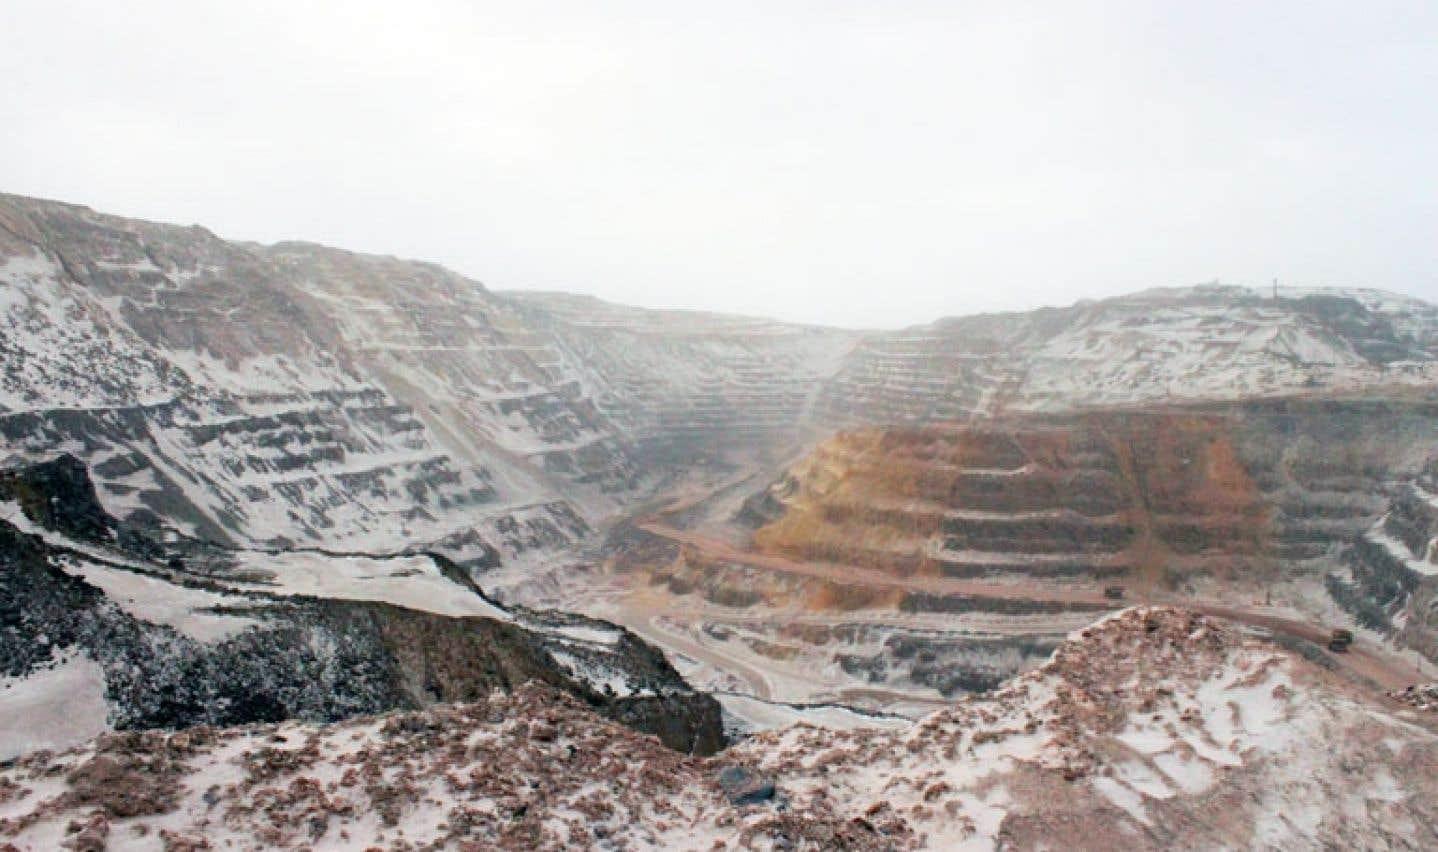 Redevances minières - Des exemples à suivre pour le Québec